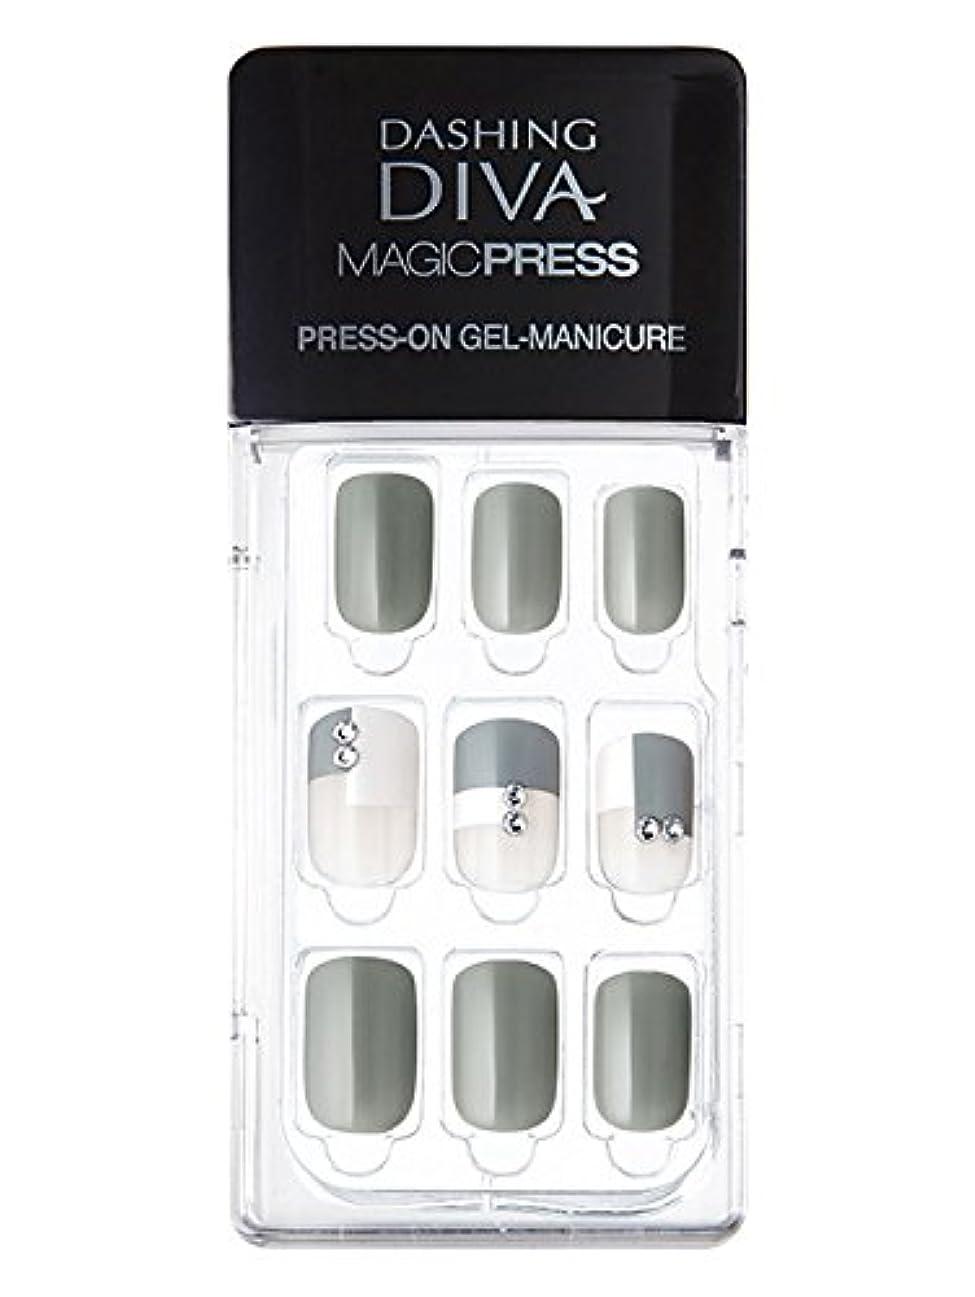 ファンシー洗う引用MDR071:ネイルチップ【ダッシングディバマジックプレス】DASHING DIVA MAGICPRESS PRESS-ON GEL-MANICURE 1BOX(30TIPS)-DURY+